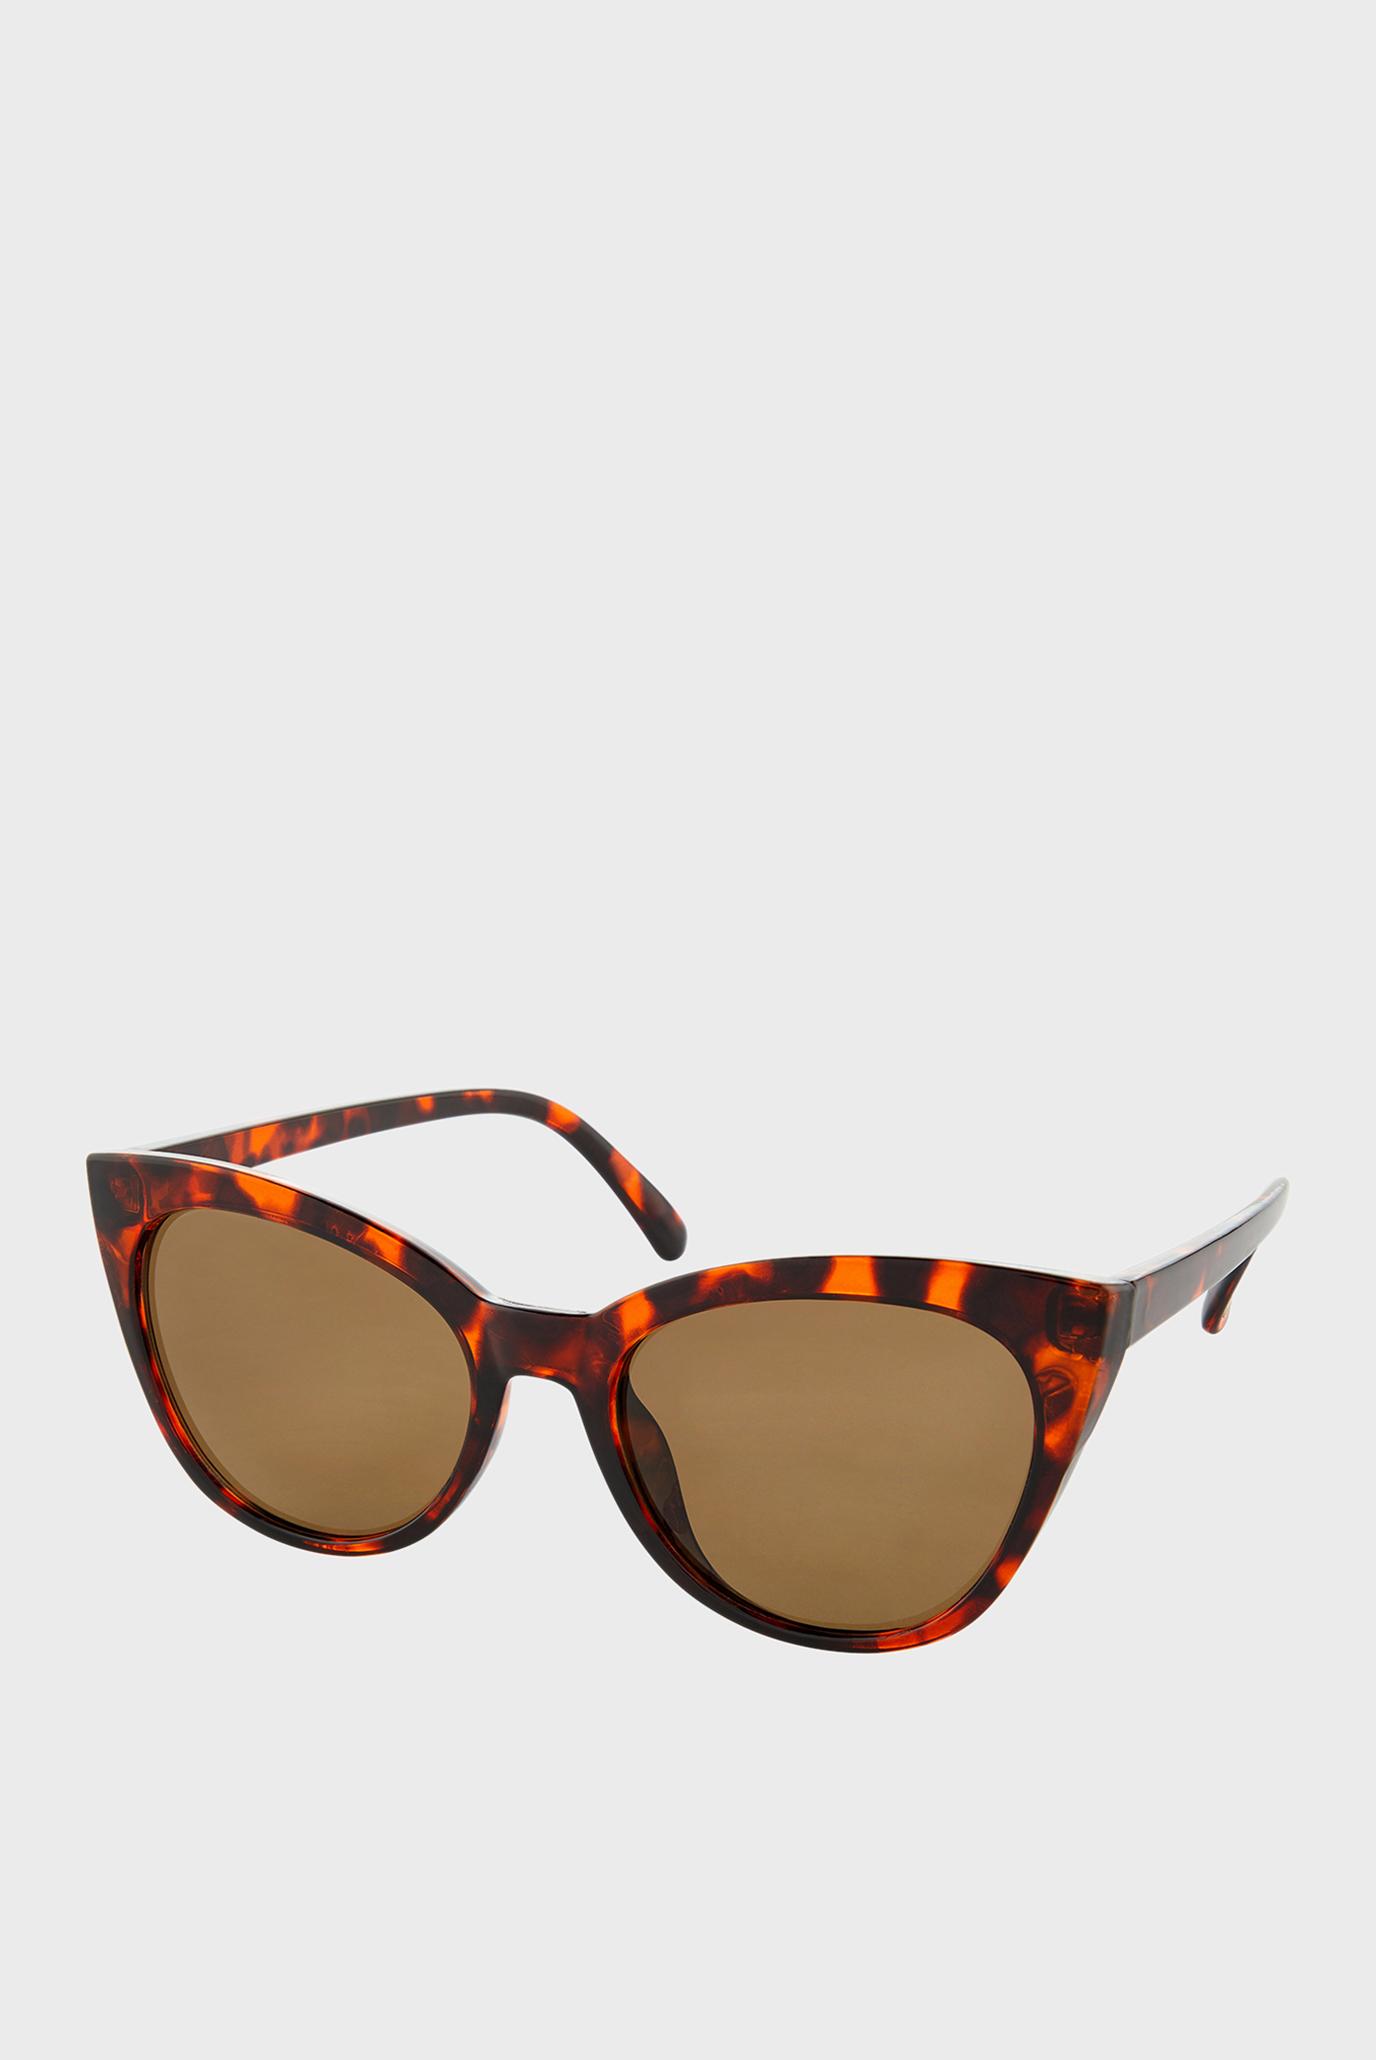 Жіночі коричневі сонцезахисні окуляри  AVA CLASSIC CATEYE 1